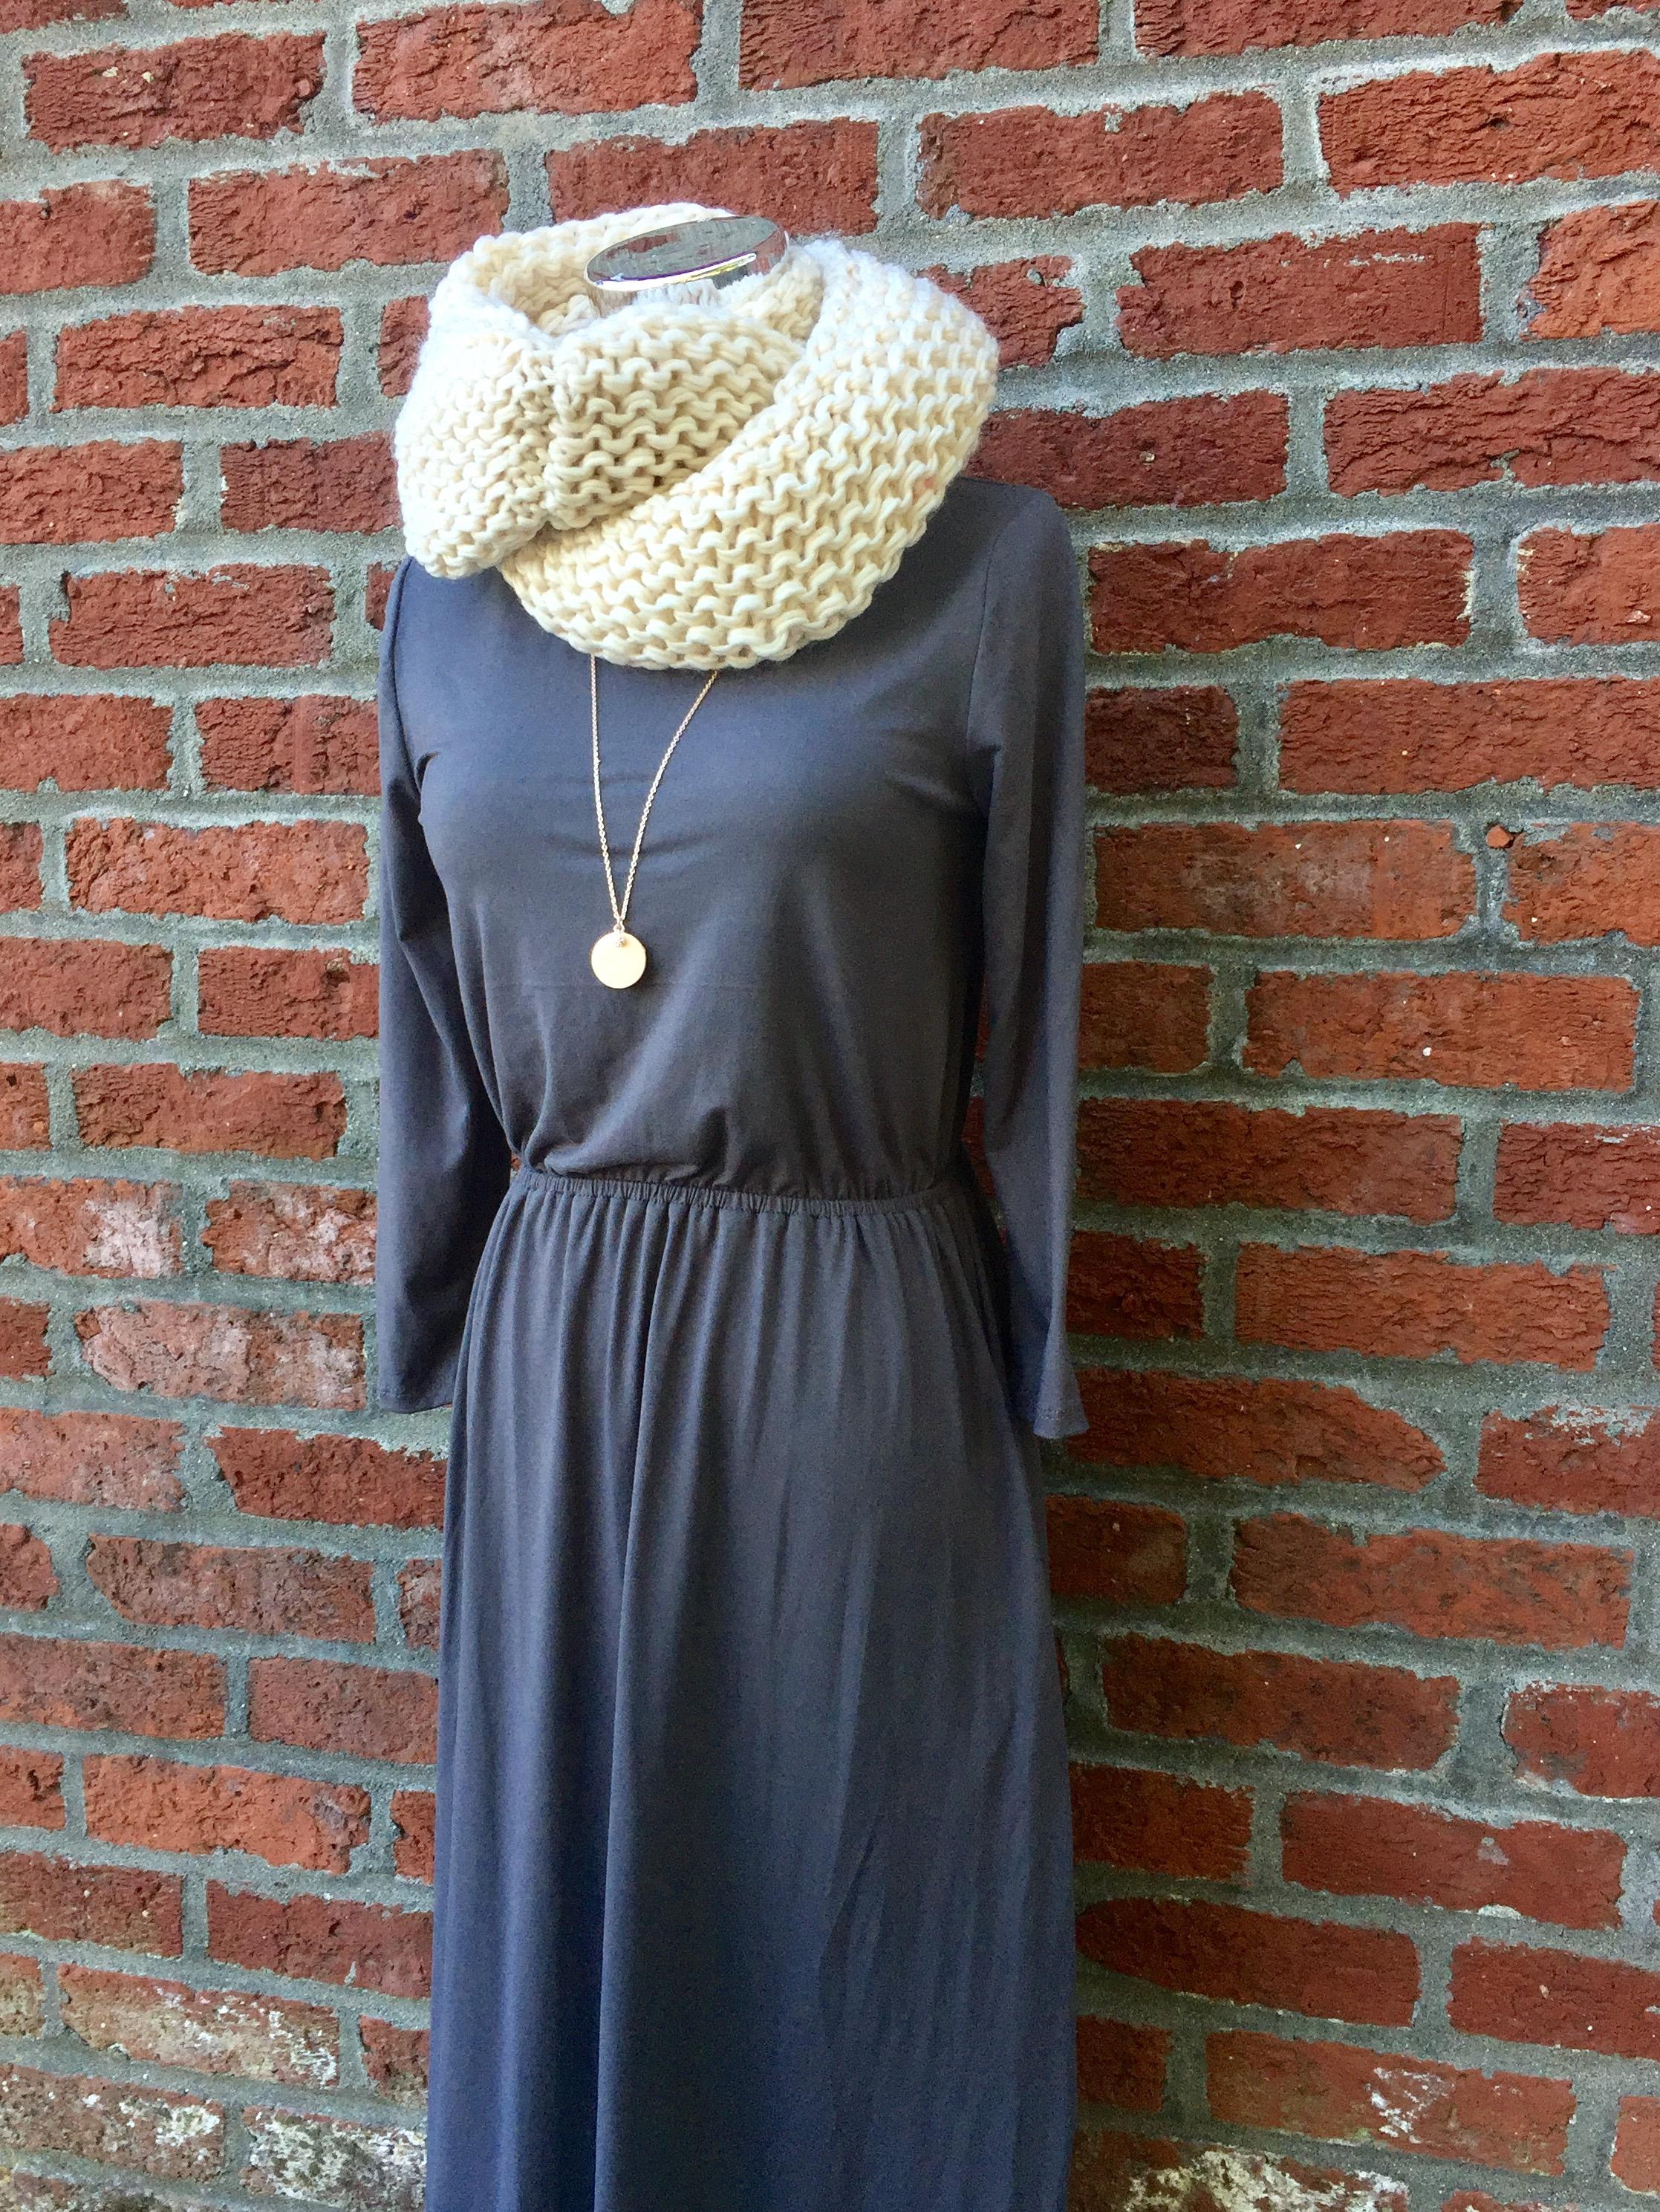 Reb + J Grey Dress ($35) with Chunky Scarf ($21)